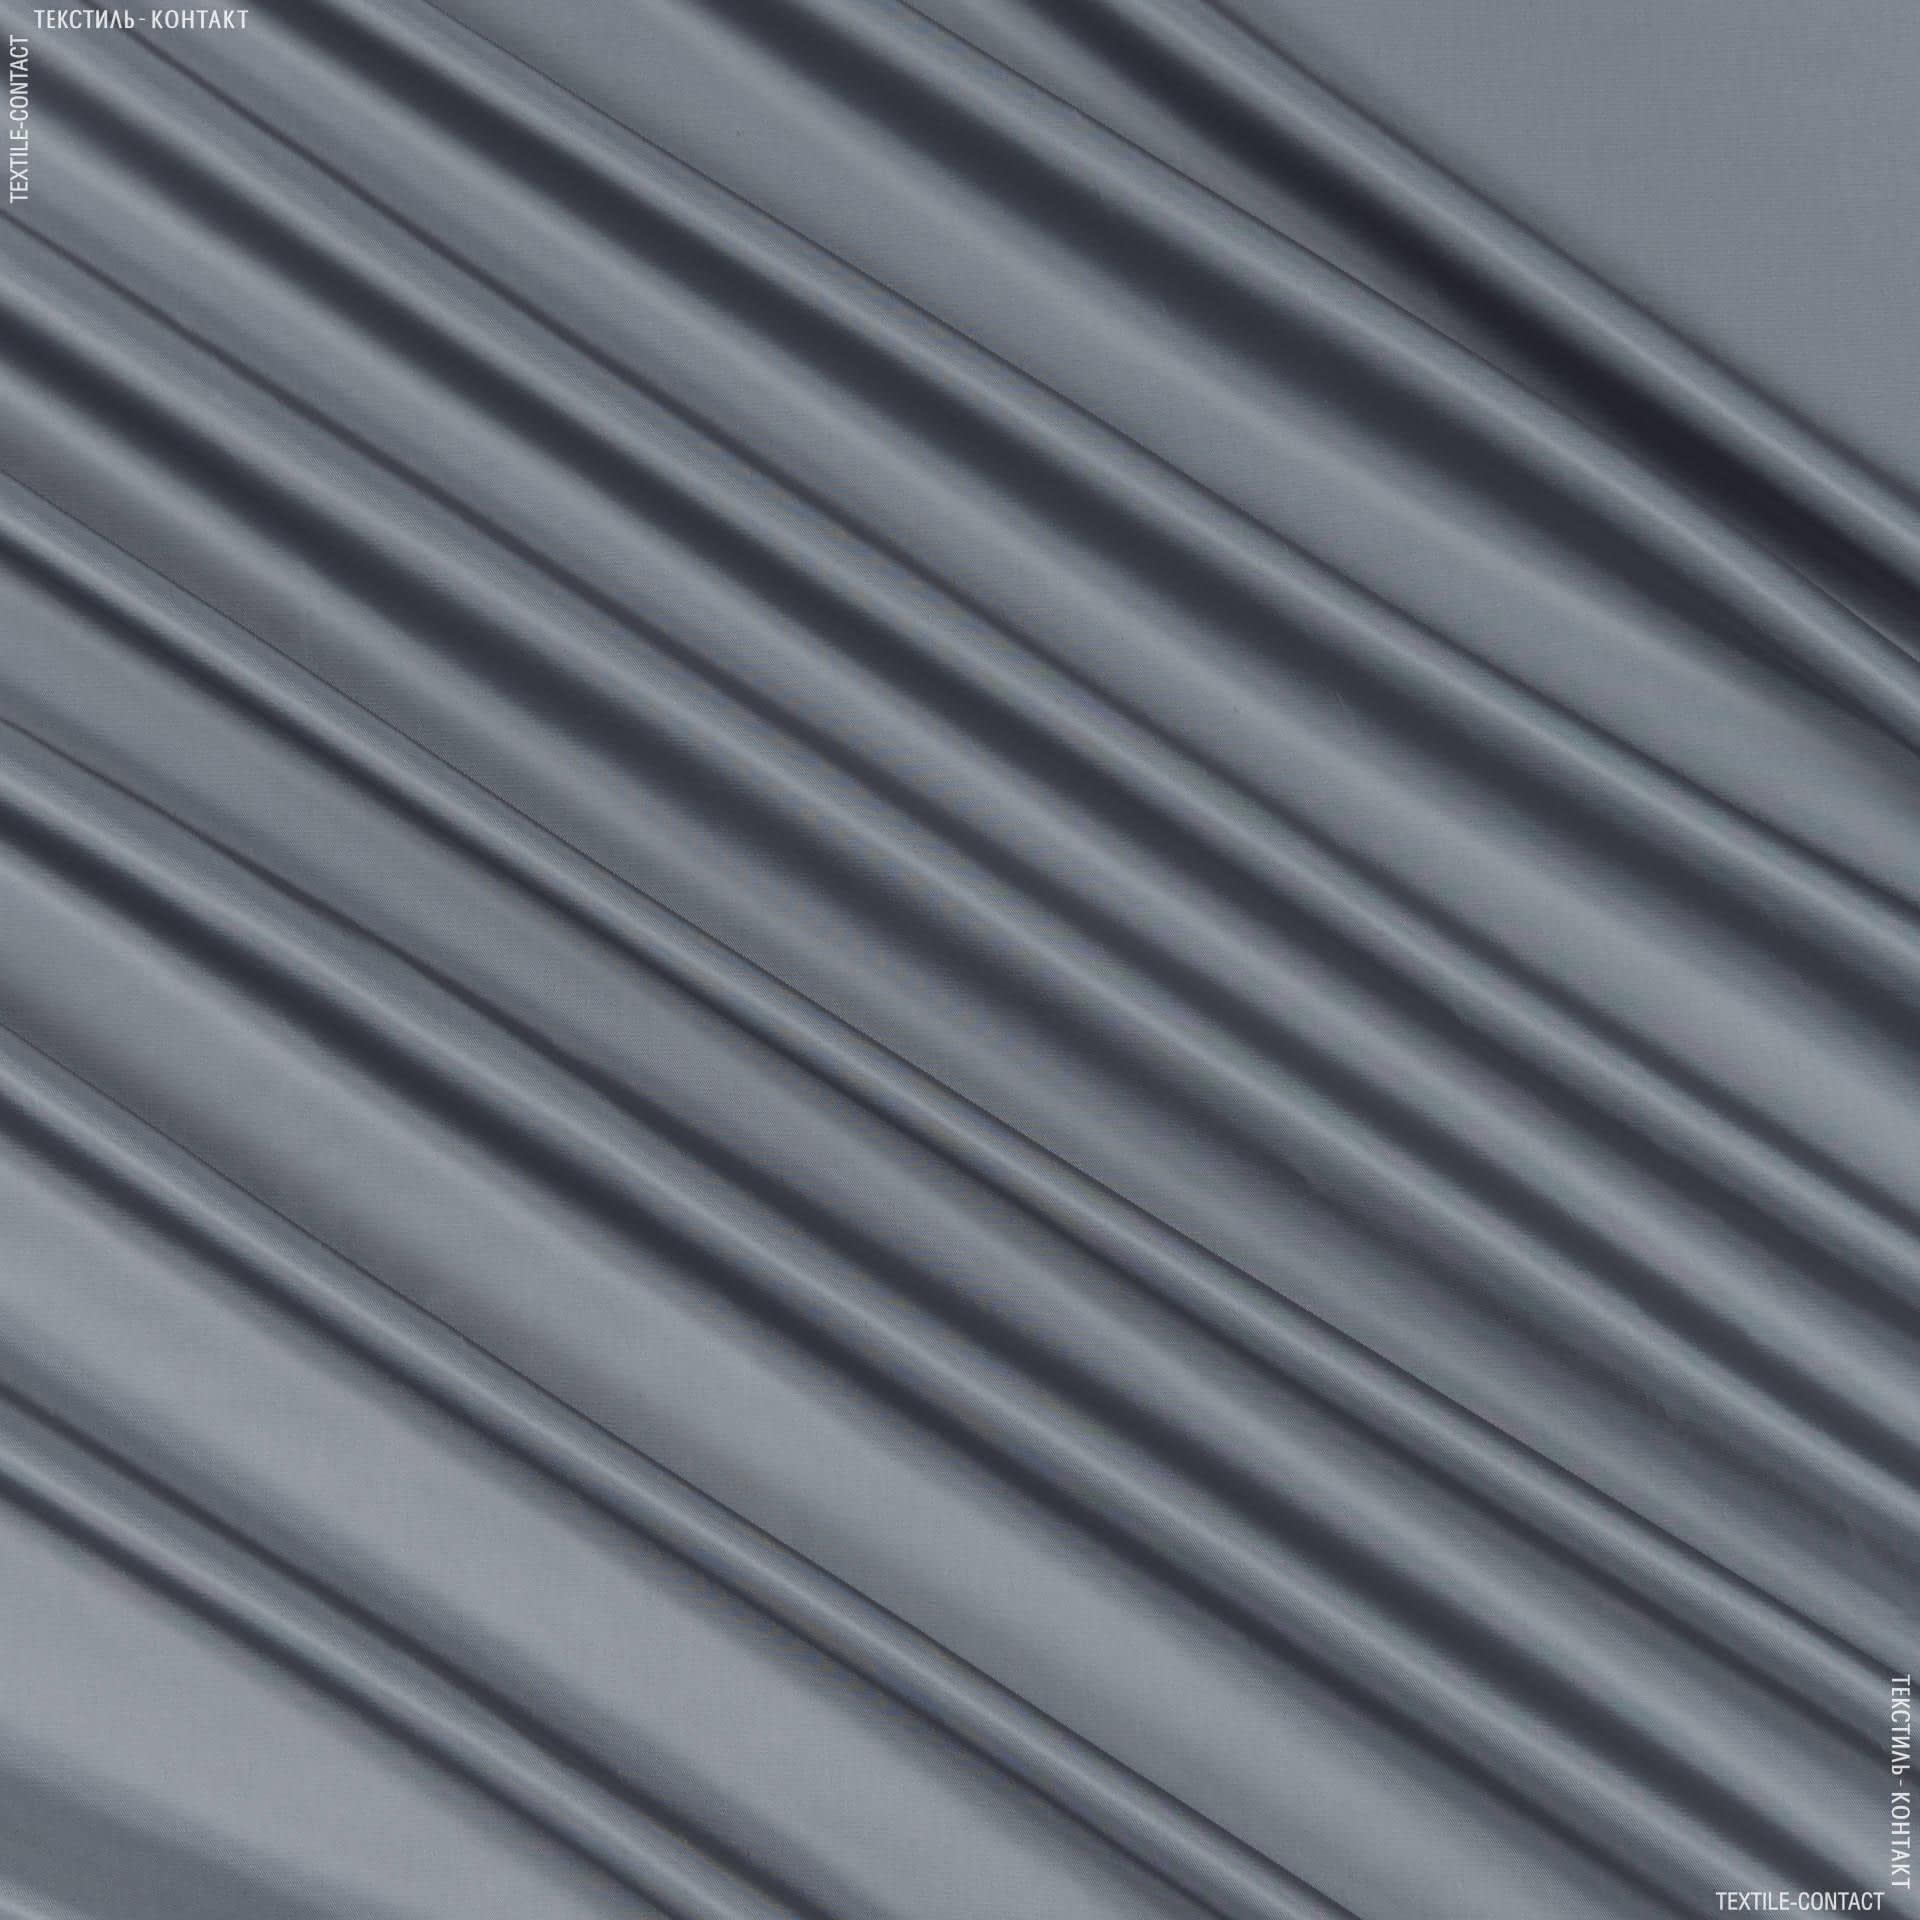 Тканини підкладкова тканина - Підкладковий атлас сірий